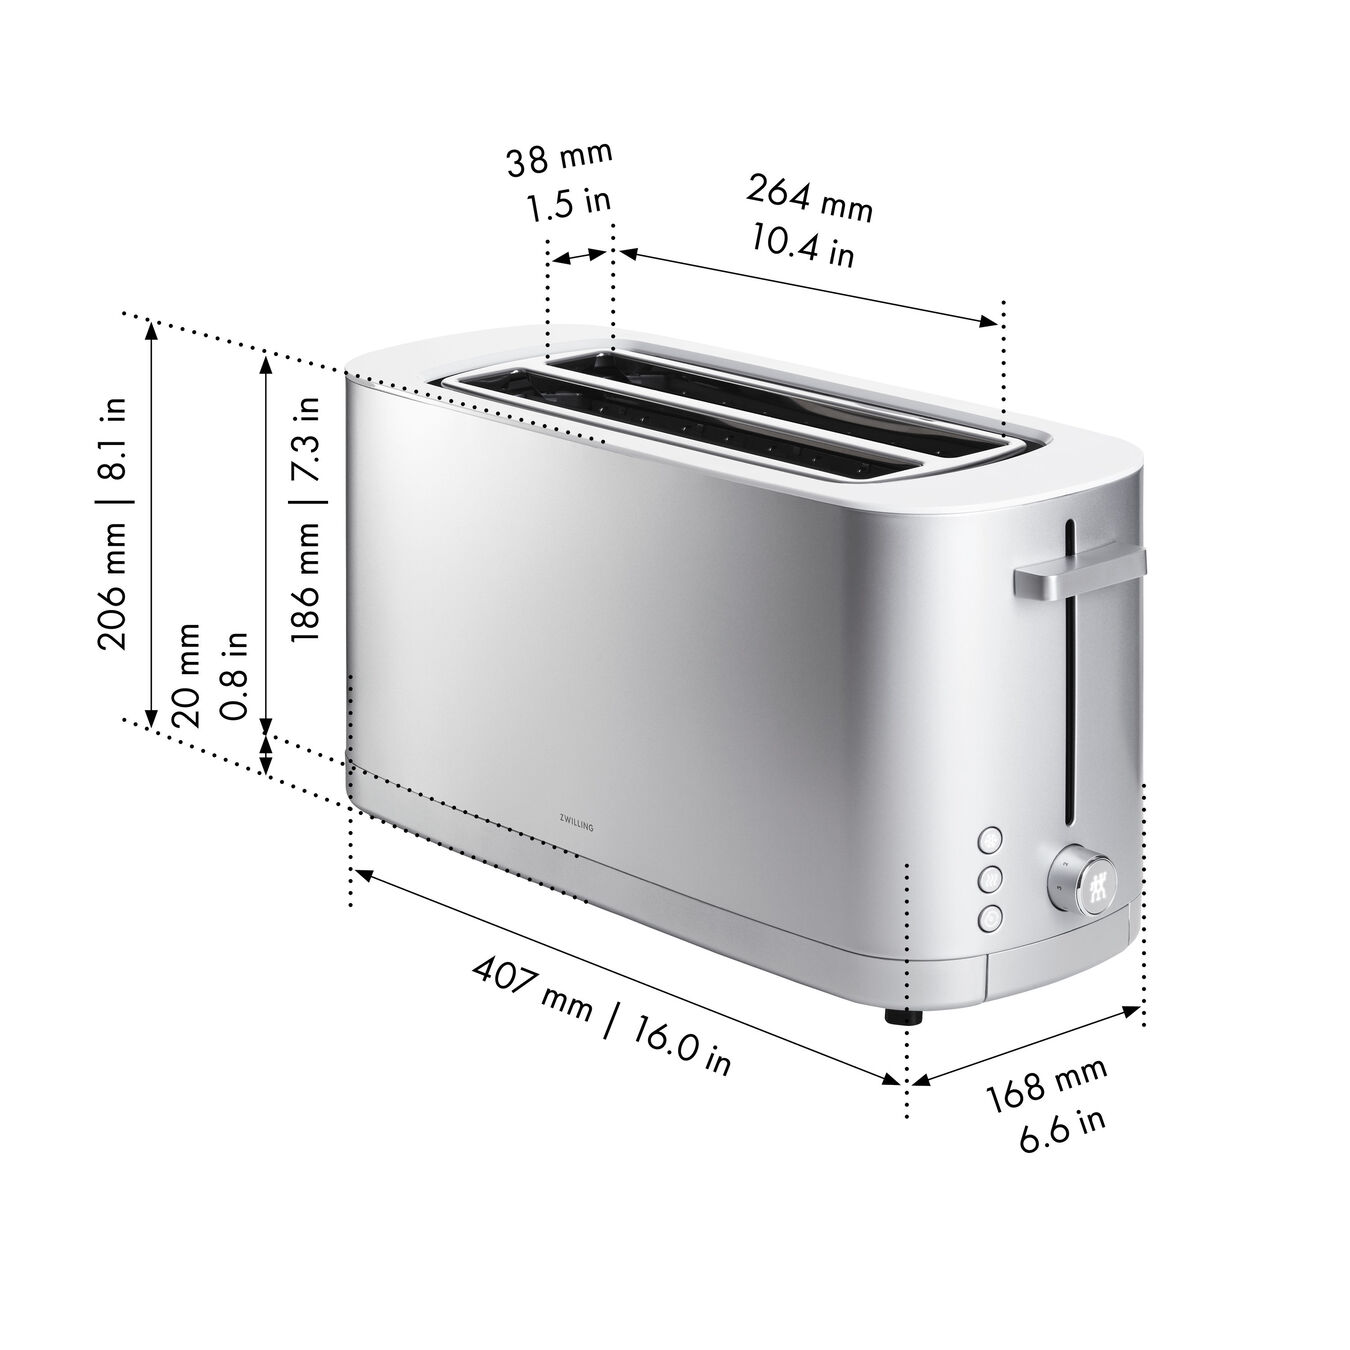 Ekmek Kızartma Makinesi çörek ısıtıcılı | 2 yuva 4 dilim,,large 7